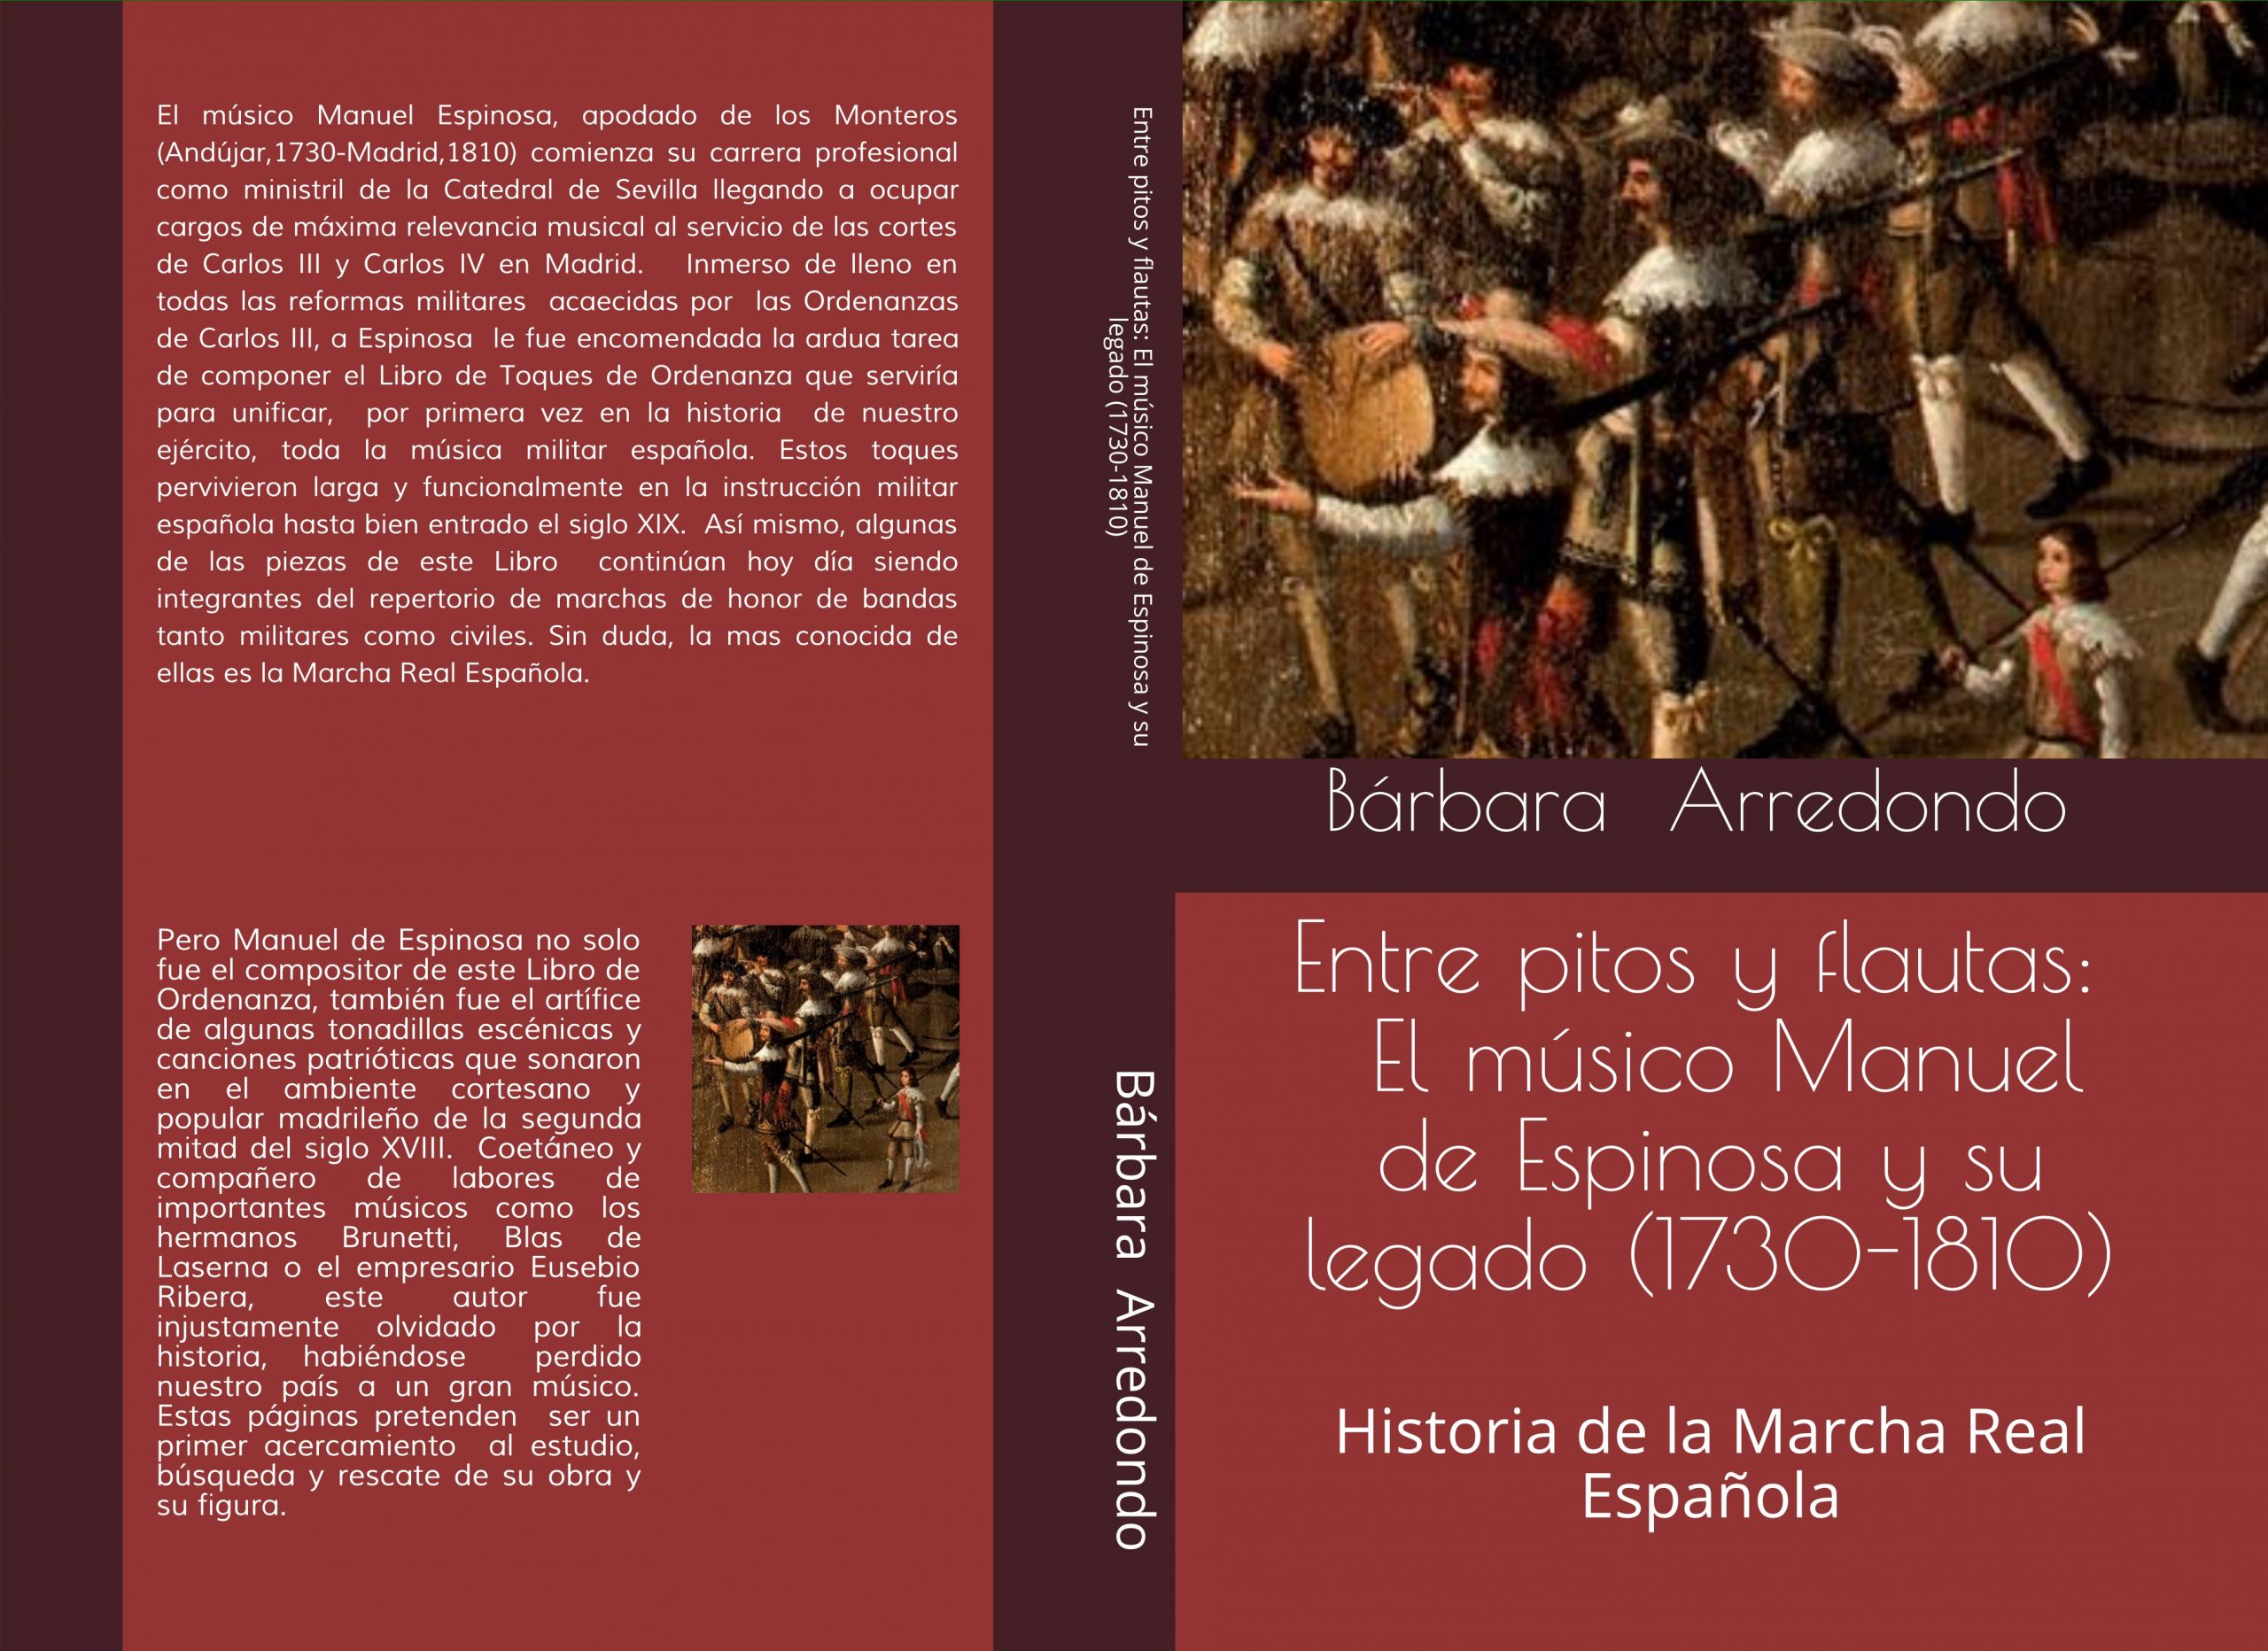 Entre pitos y flautas: El músico Manuel de Espinosa y su legado (1730-1810). Historia de la Marcha Real Española.